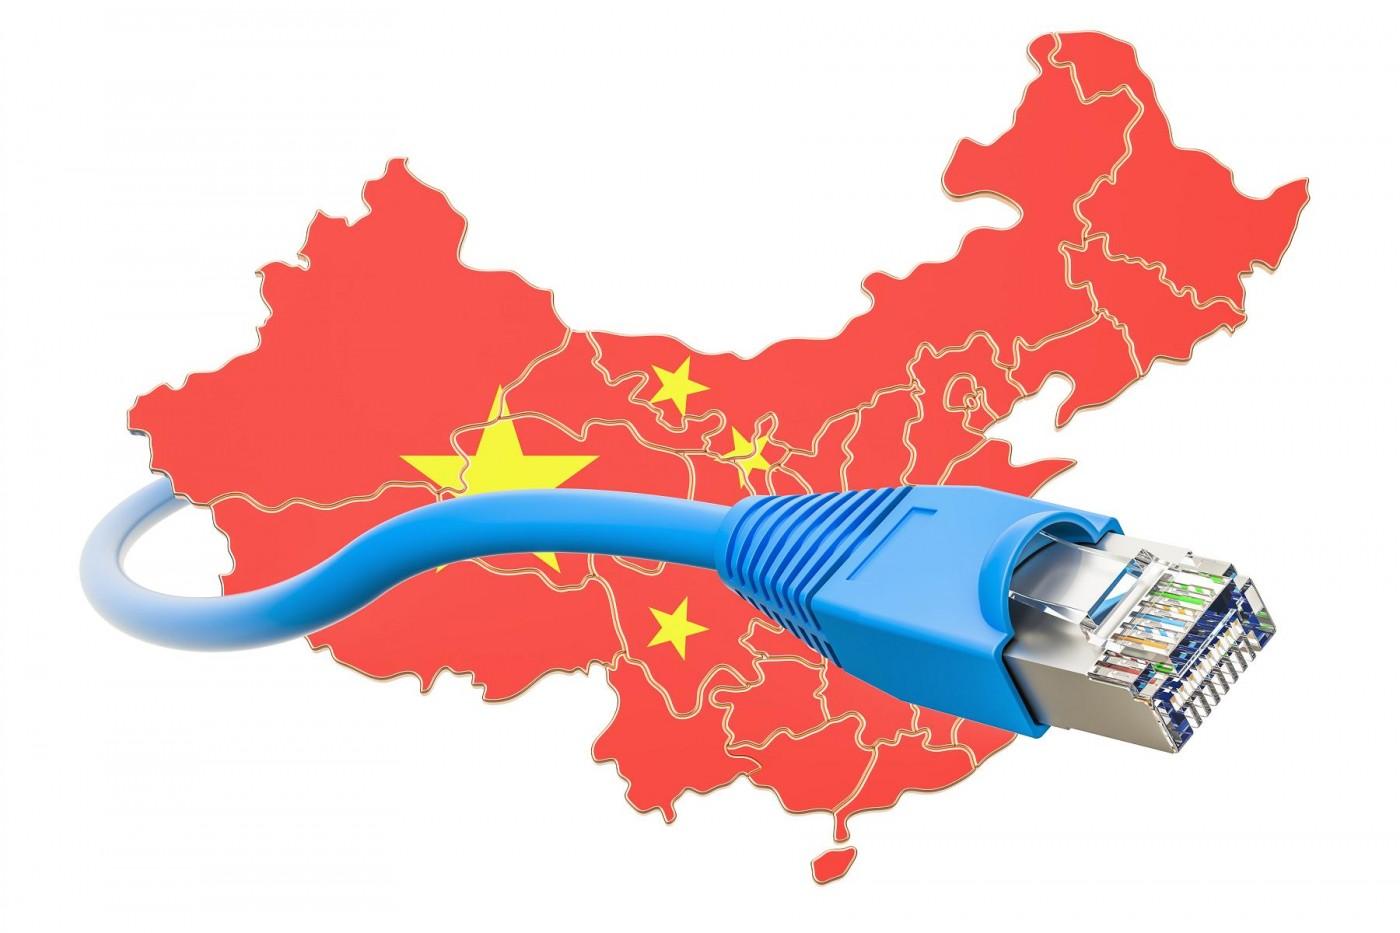 習近平築「網路長城」到底有多高?官員自爆封鎖超過一萬三千個網站